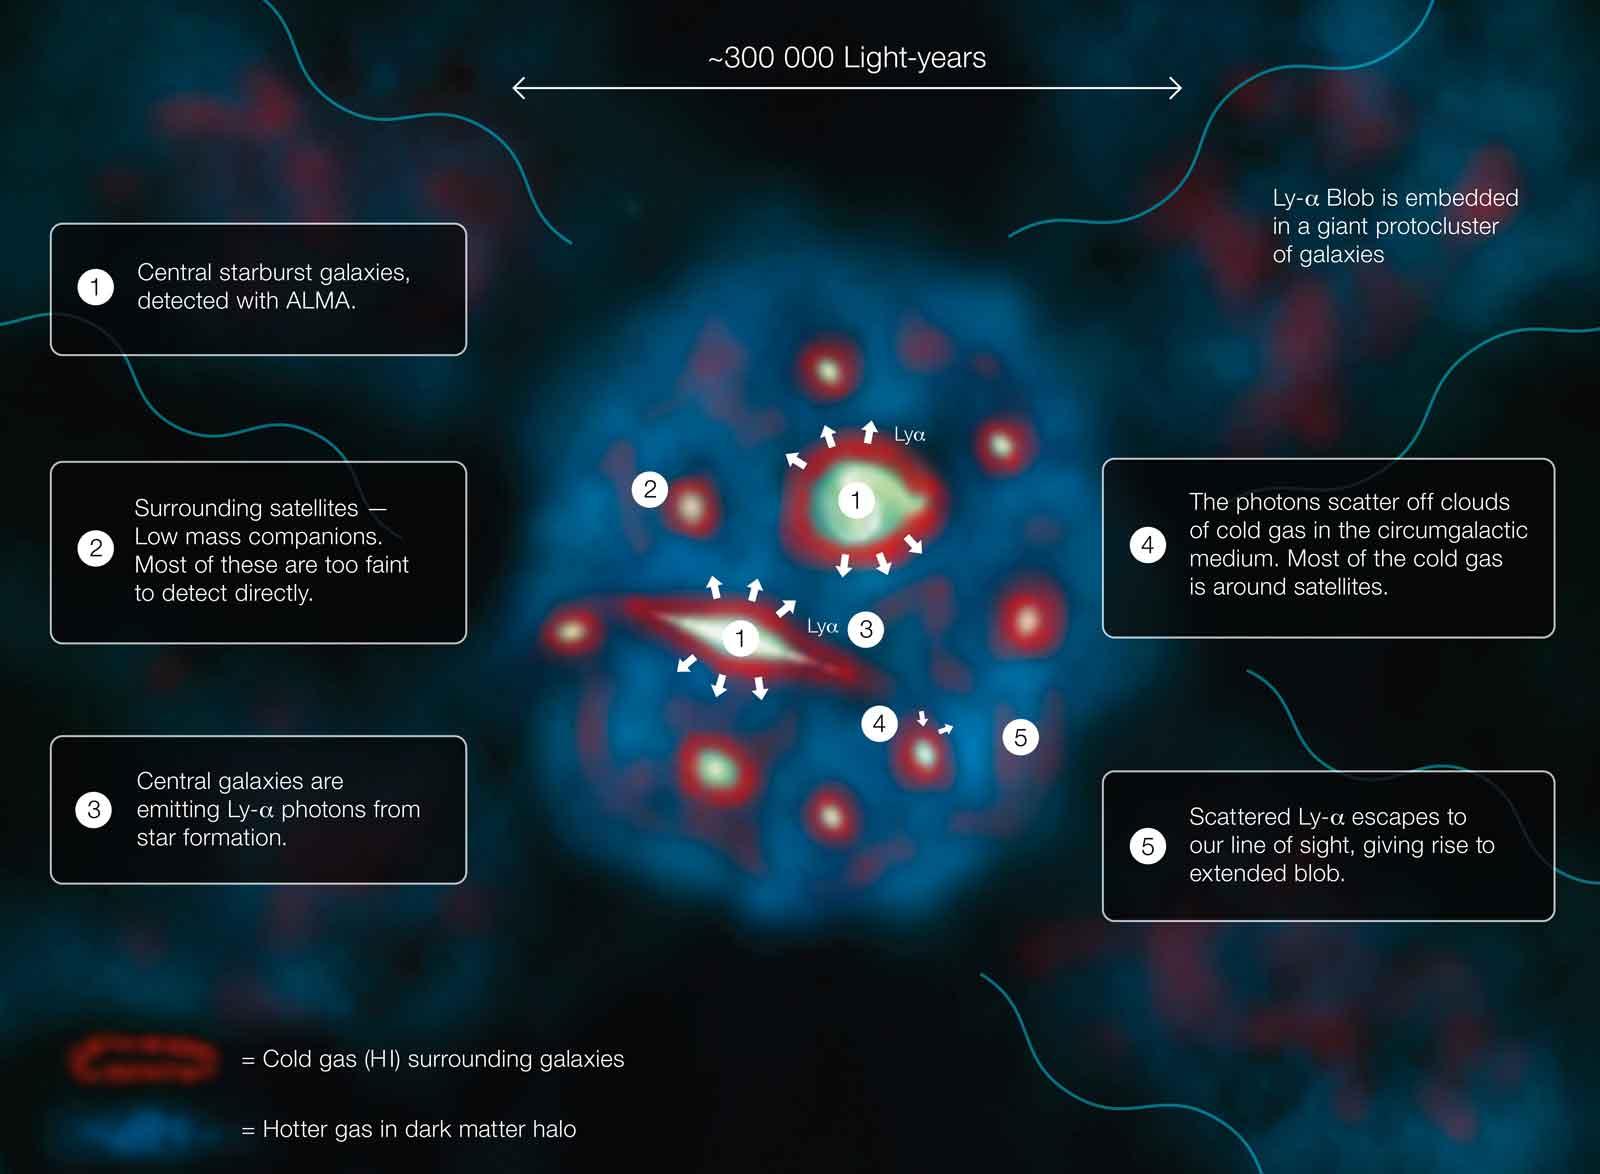 nfographie du fonctionnement d'un Globule Lyman-alpha